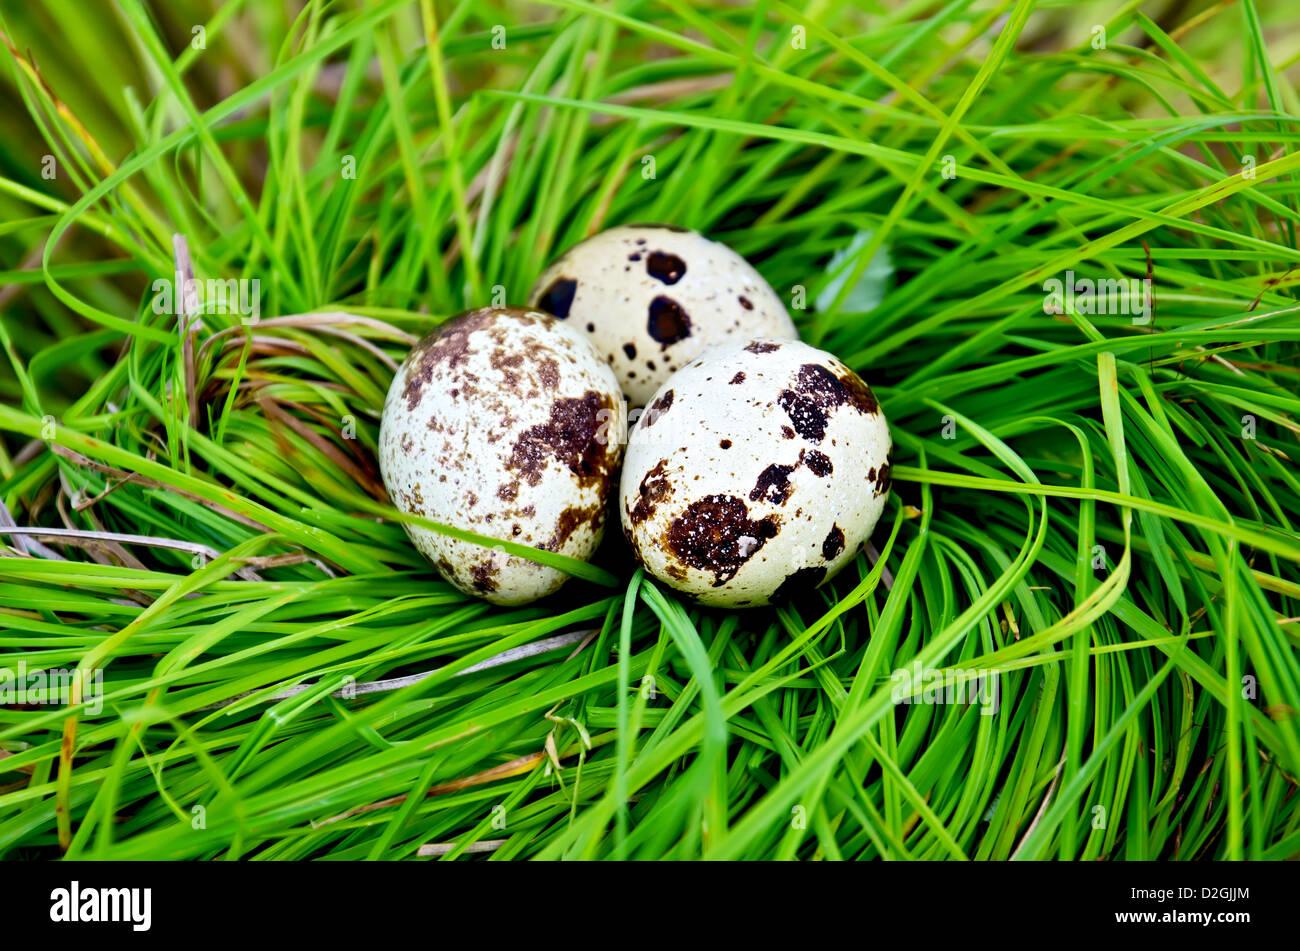 Tre spotted uova di quaglia in un nido di erba verde Foto Stock